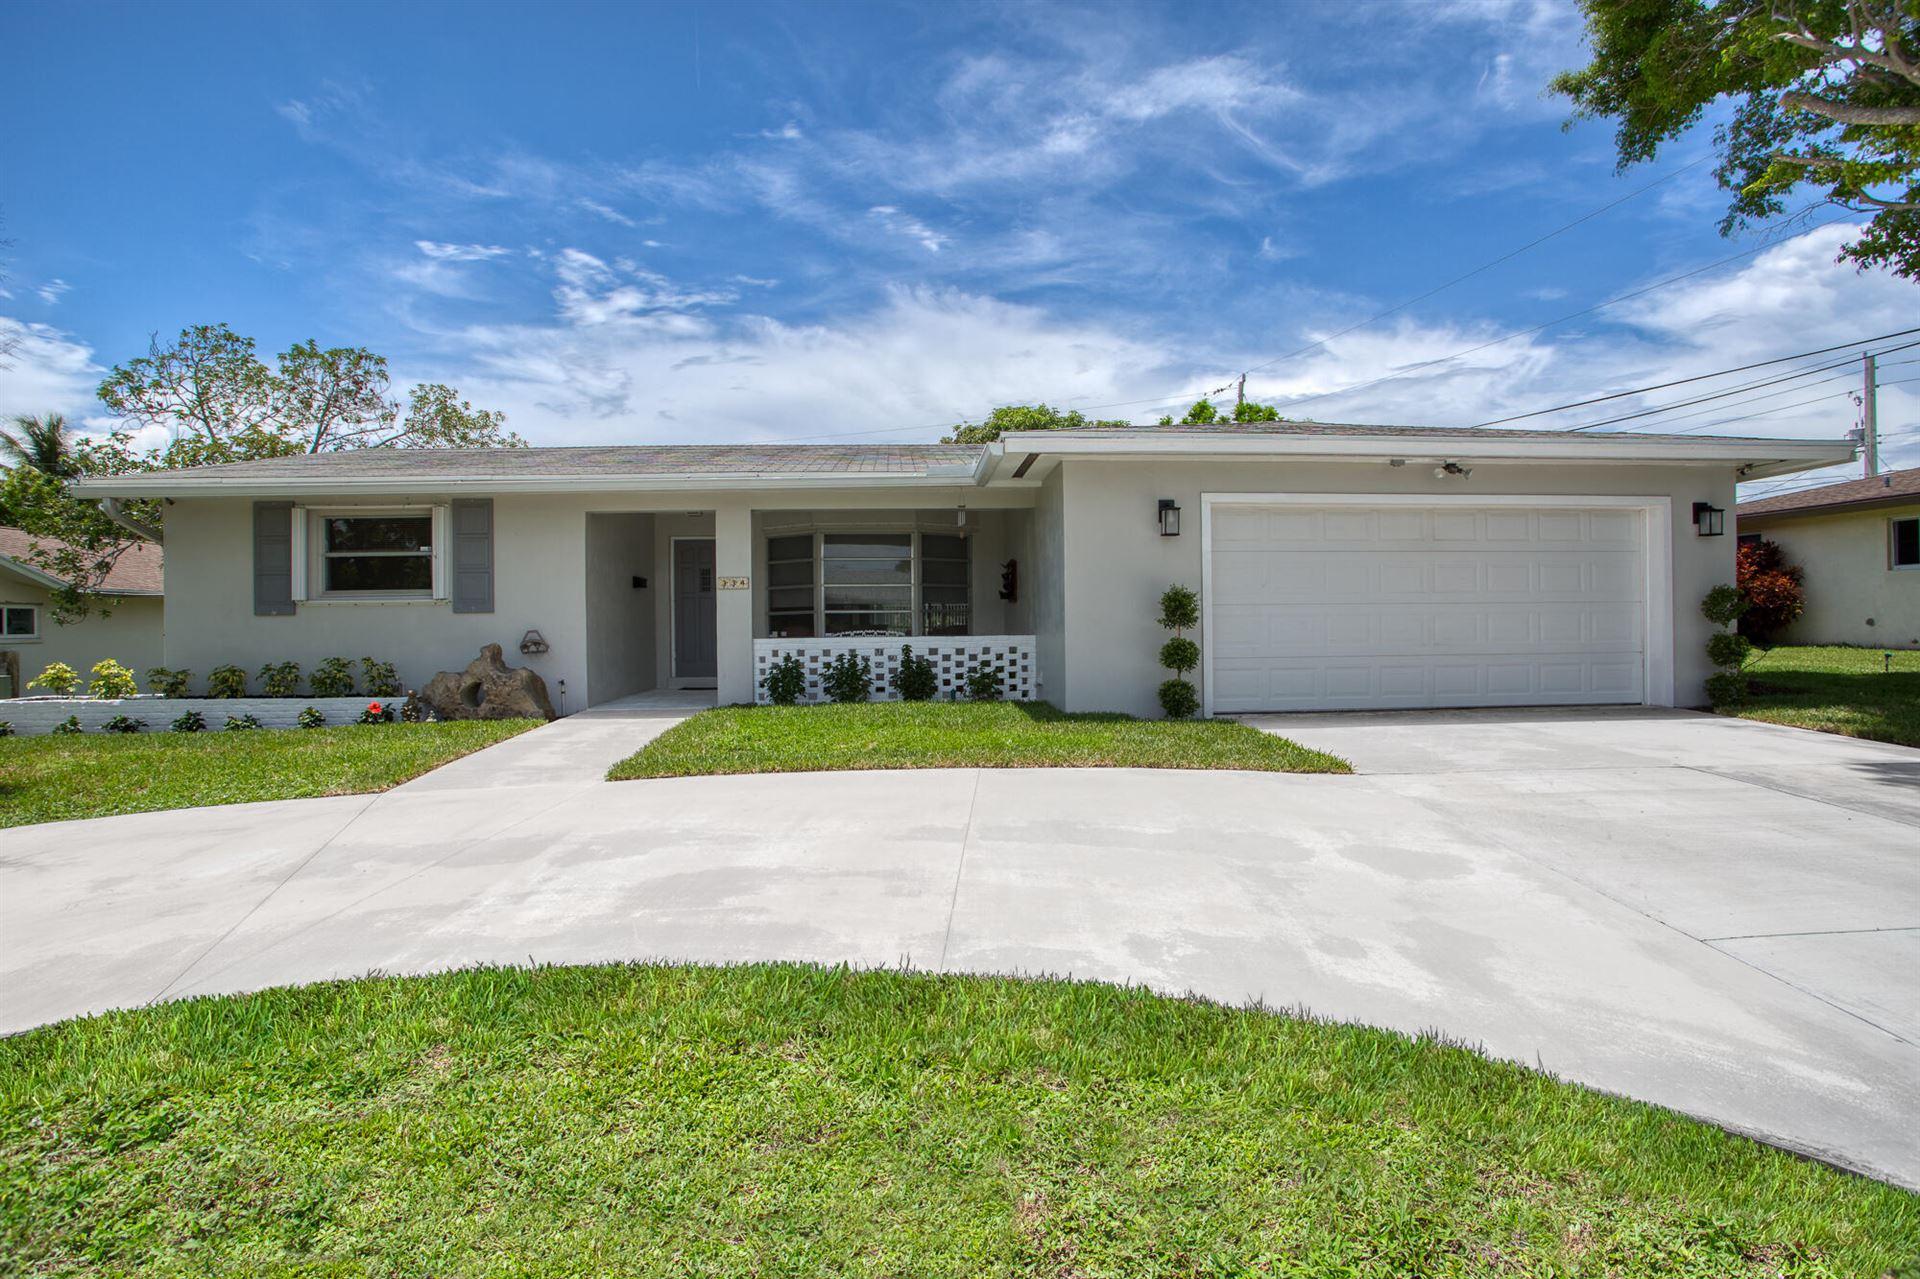 334 SW 13th Avenue, Boynton Beach, FL 33435 - MLS#: RX-10728105